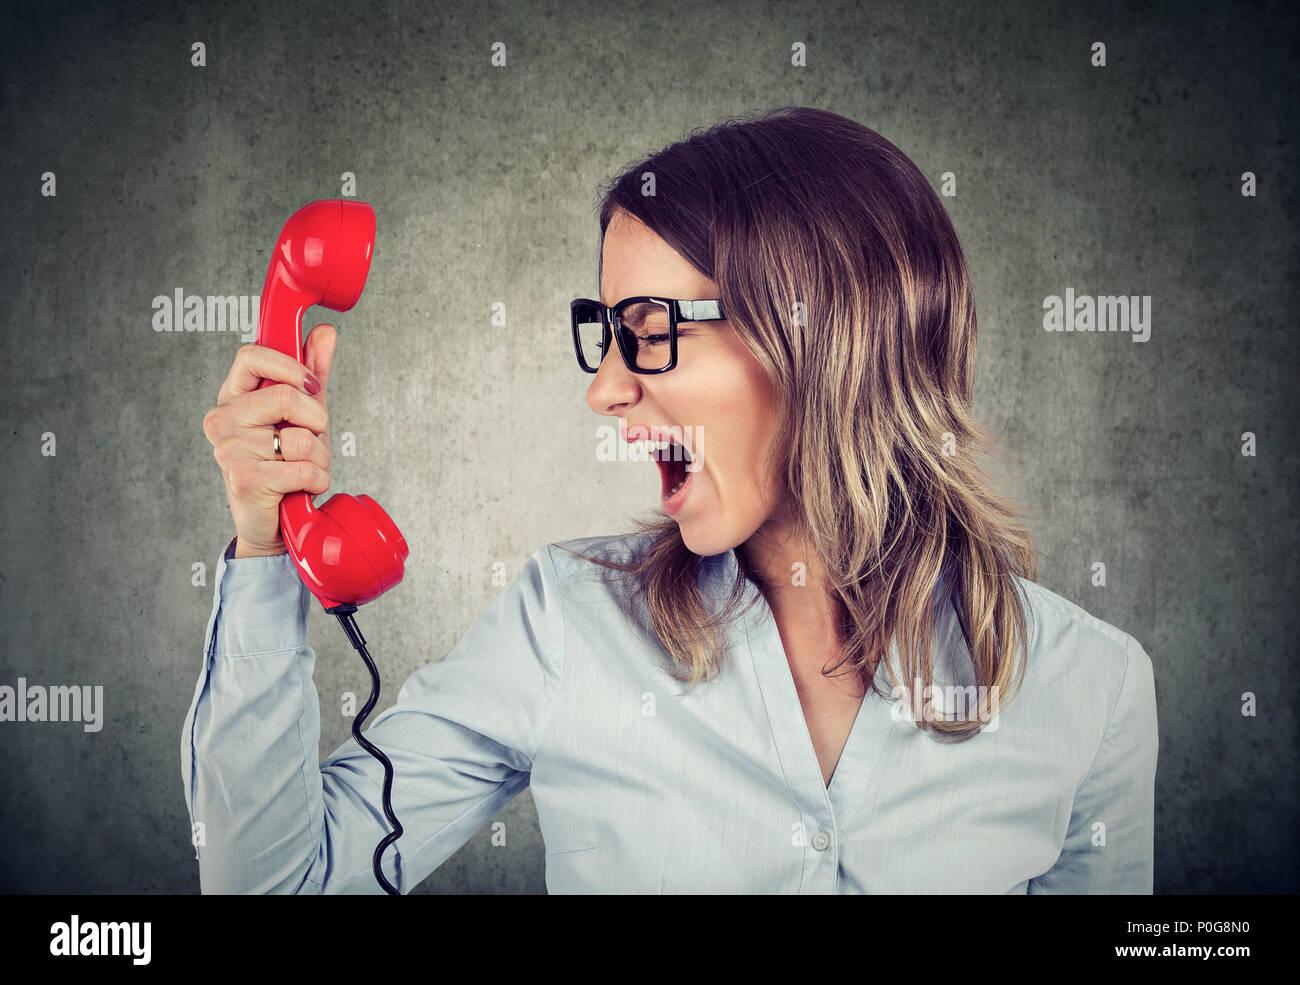 Portrait einer jungen wütend Business woman am Roten Telefon schreien Stockbild